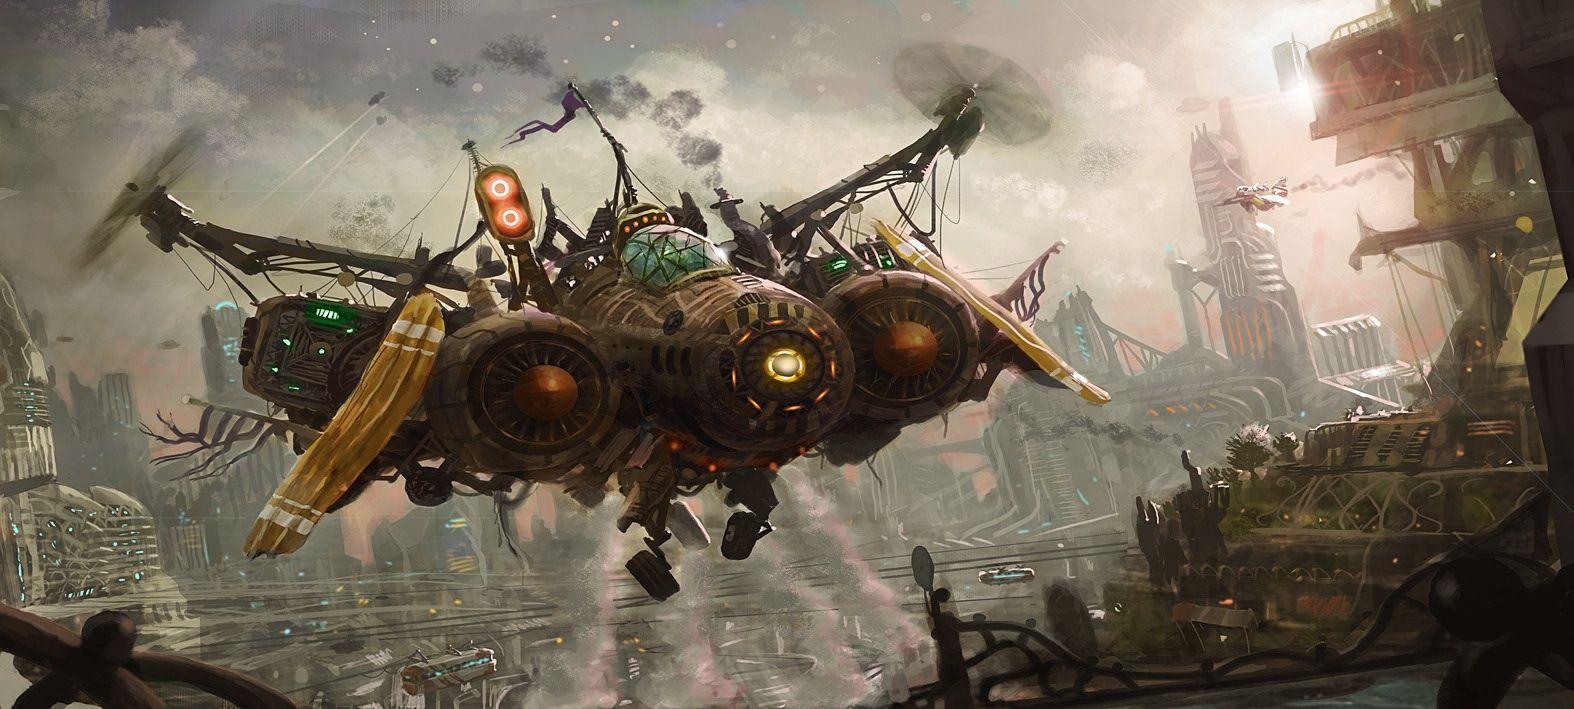 Universo steampunk